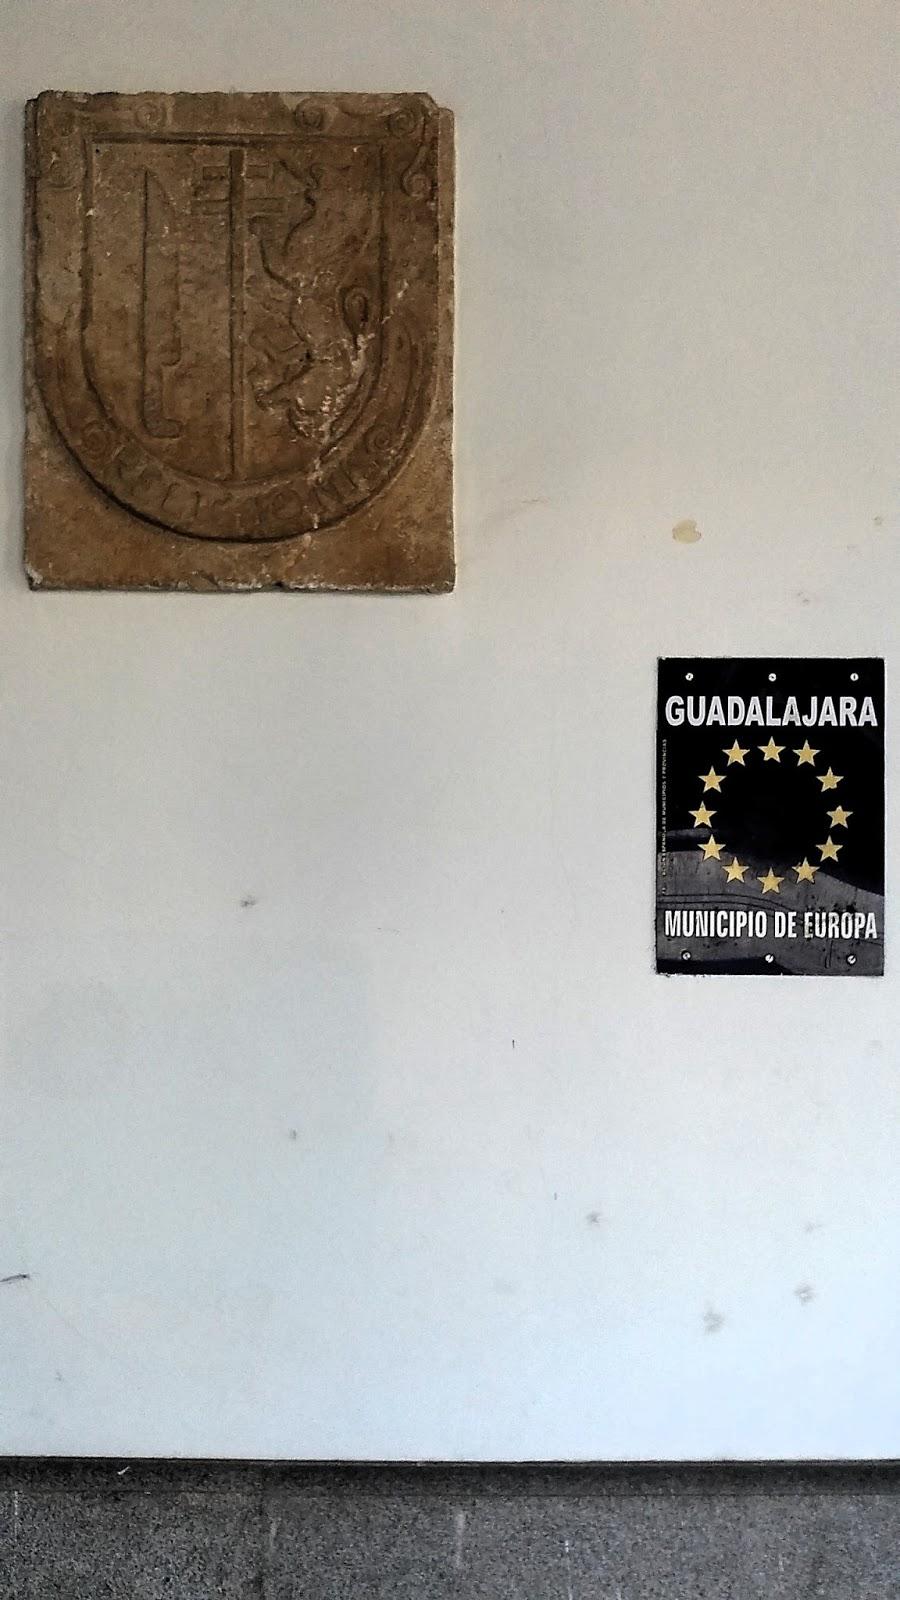 Oficina de ideas libres acciones en ciudades for Oficina de correos guadalajara